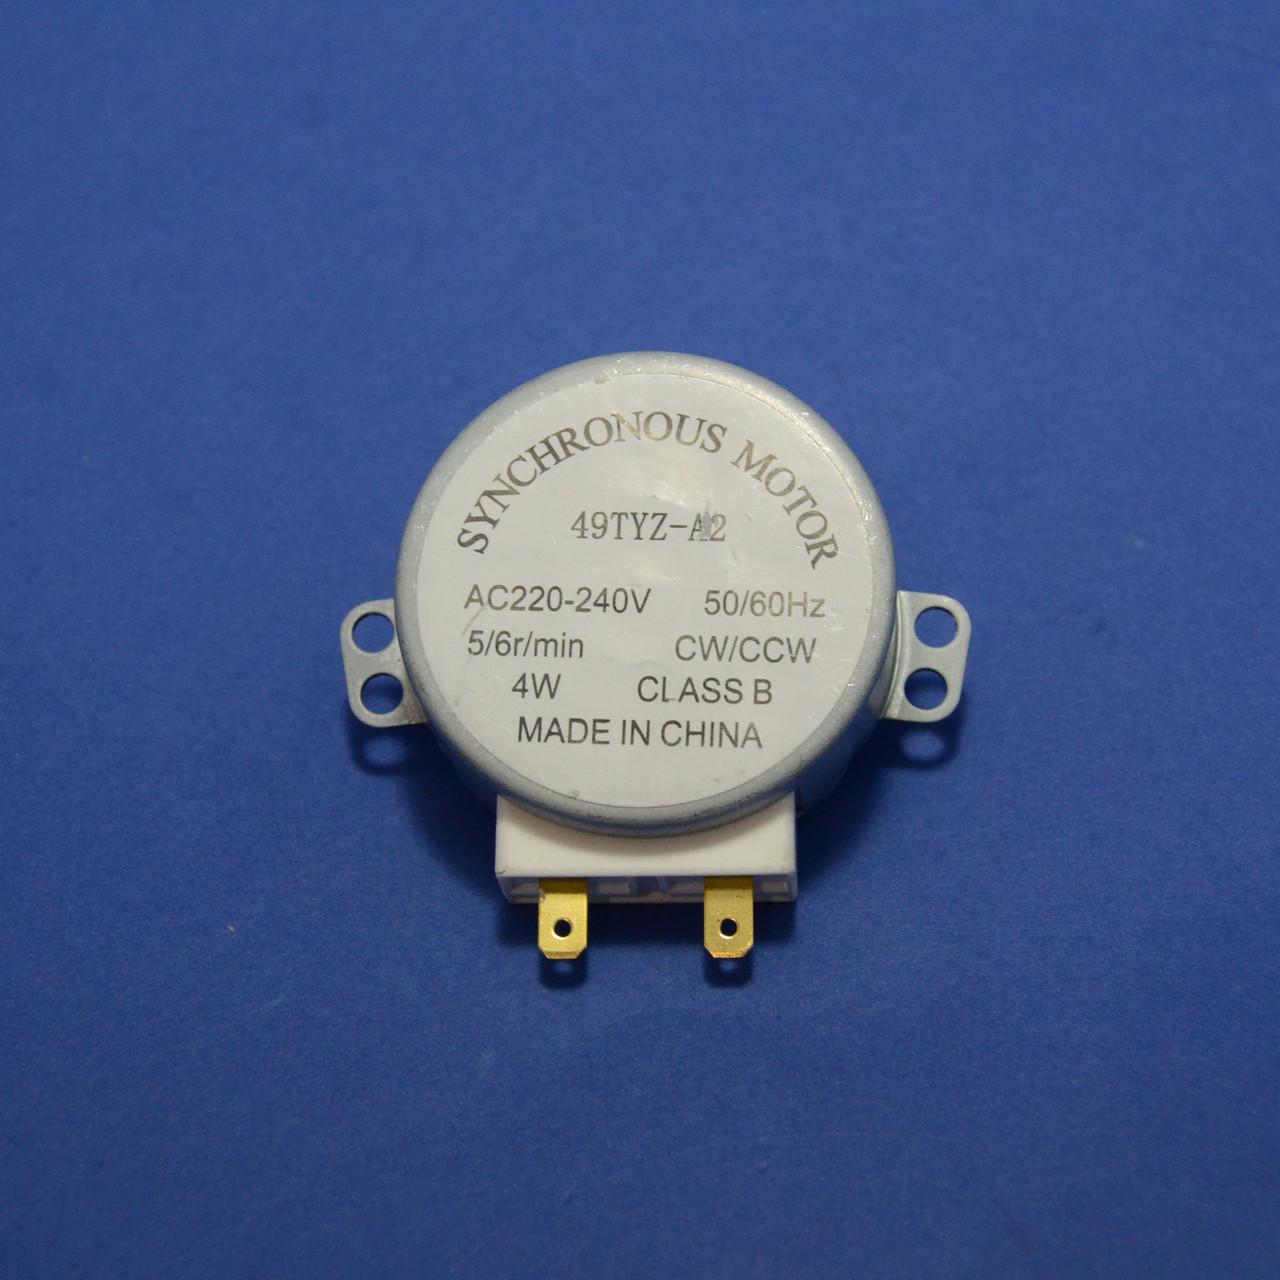 Двигатель поддона 49TYZ-A2 для микроволновой печи (220V, 5-6 об/мин)